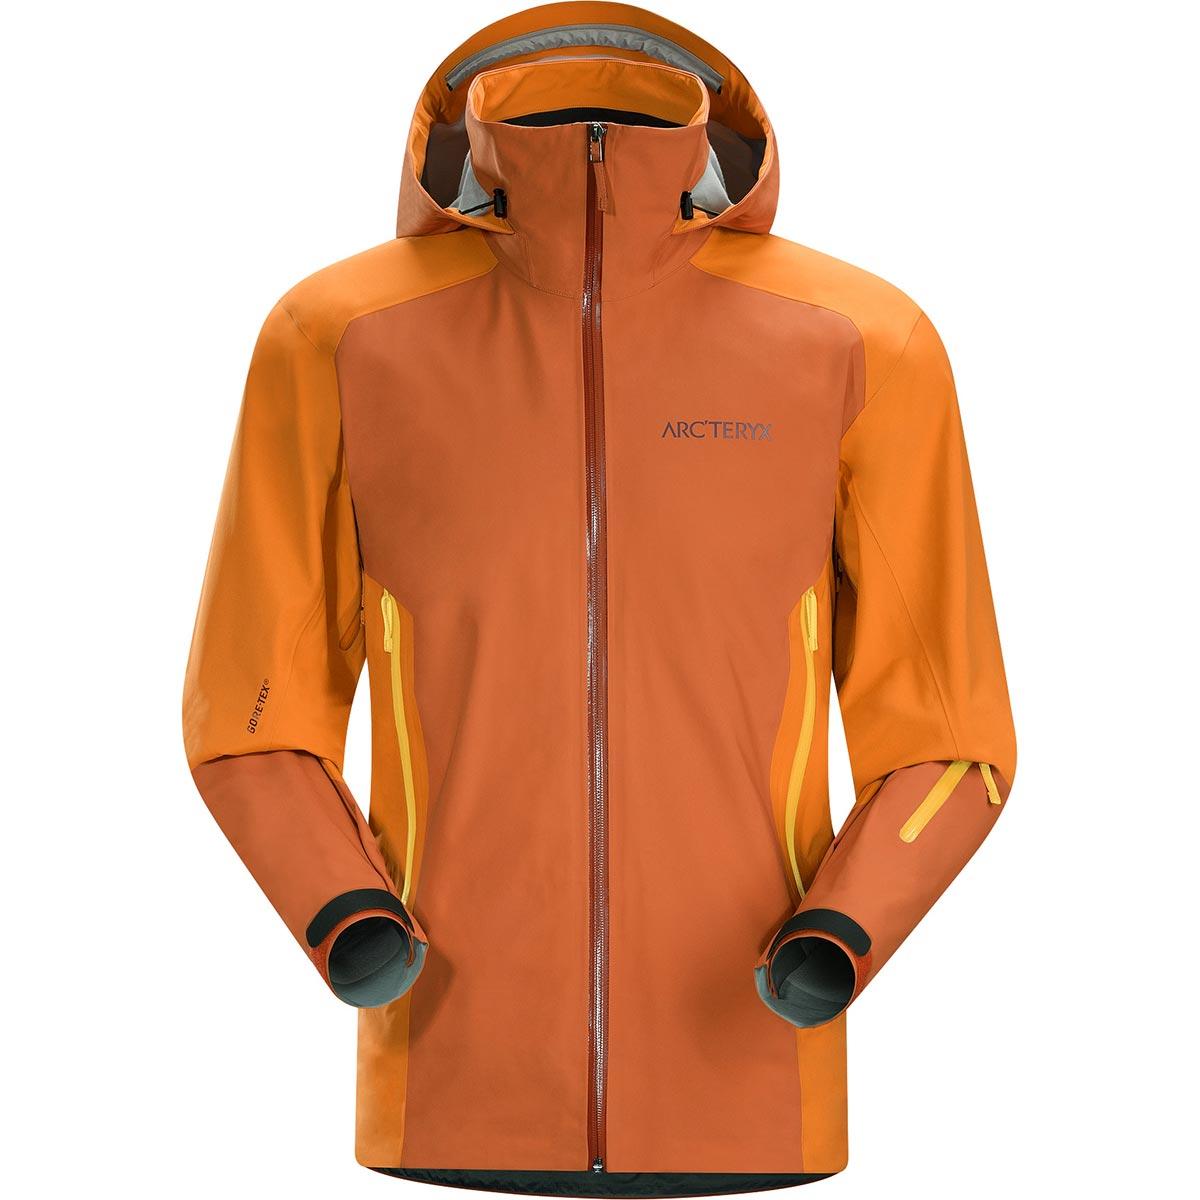 Arcteryx stingray jacket men's on sale